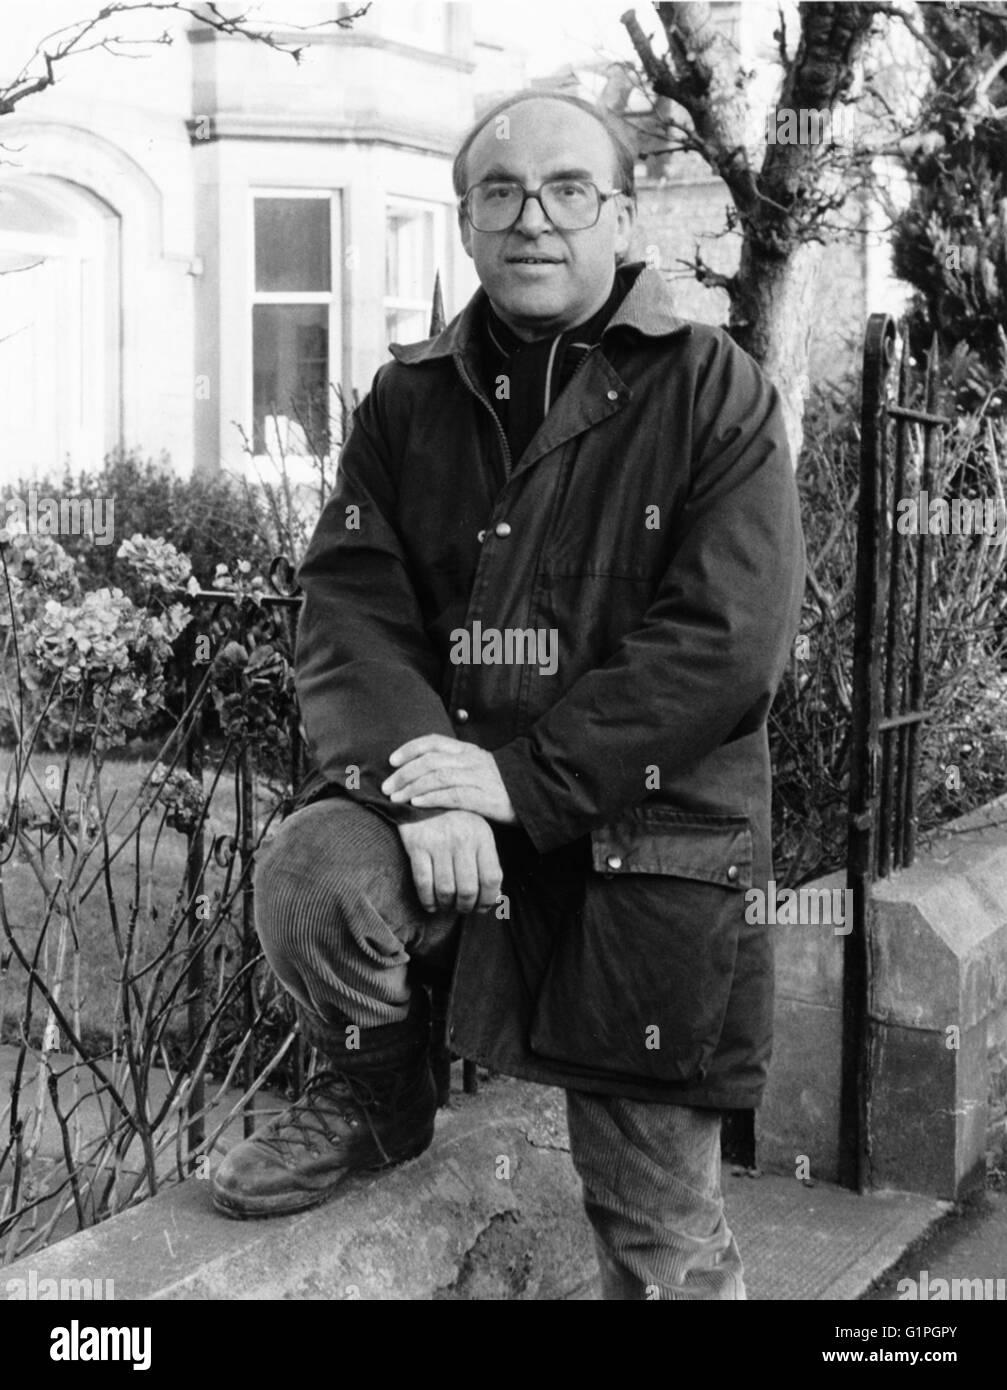 Nice JOHN SMITH, Arbeit M.P. (verstorben) Vor Seinem Haus In Edinburgh